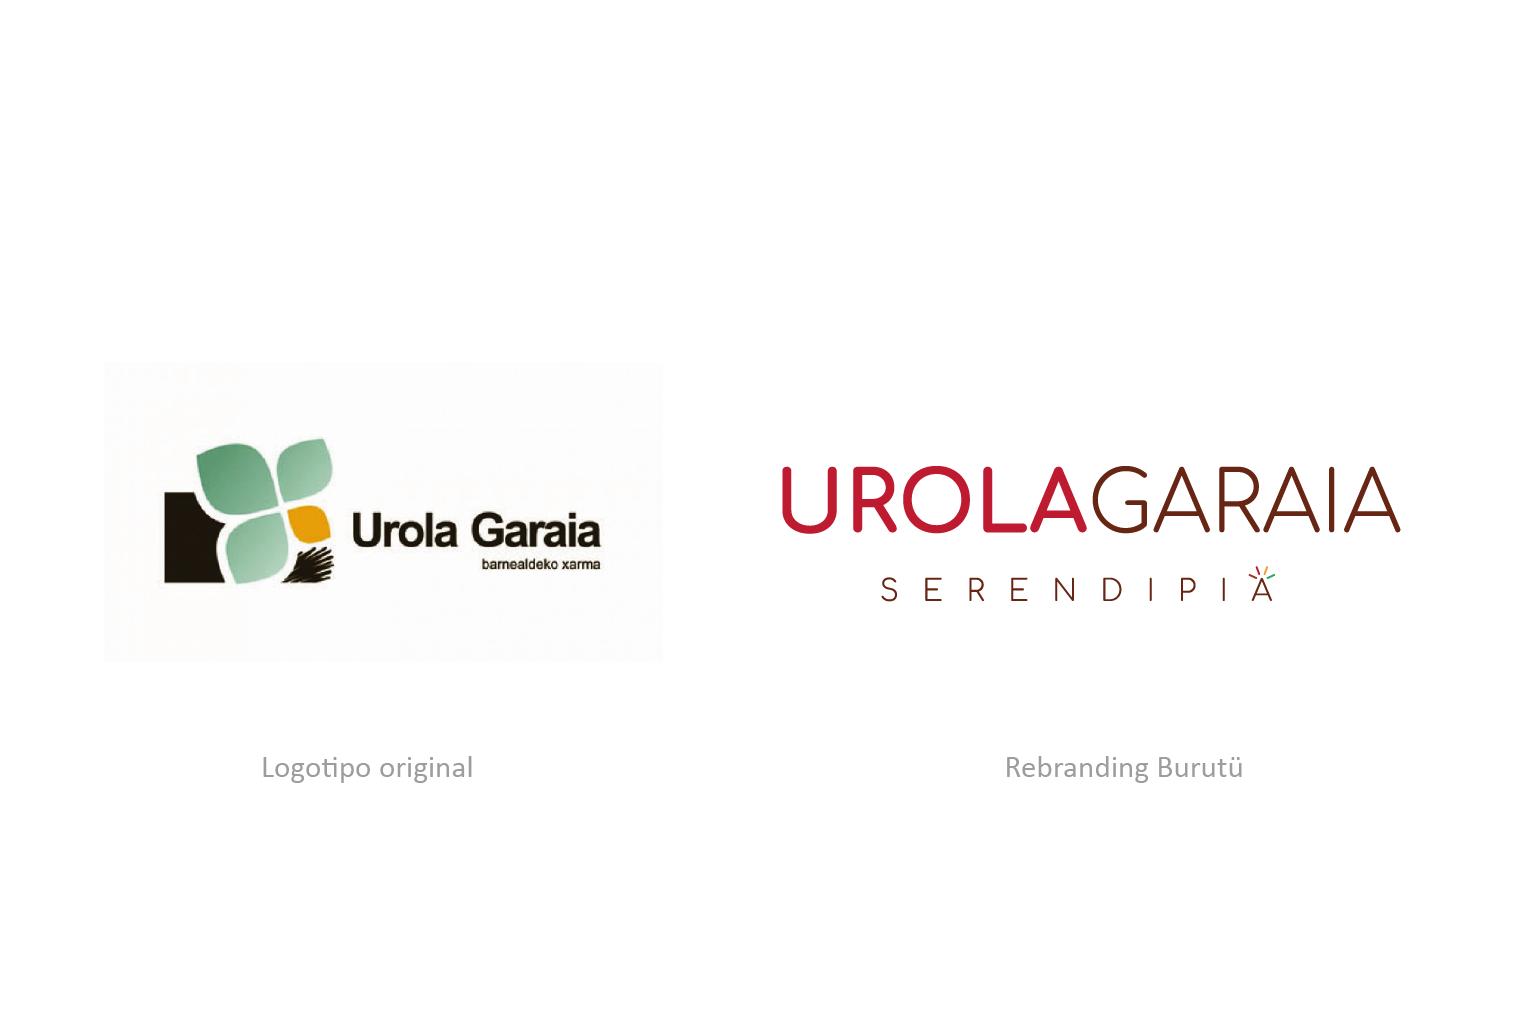 Urola Garaia Rebranding